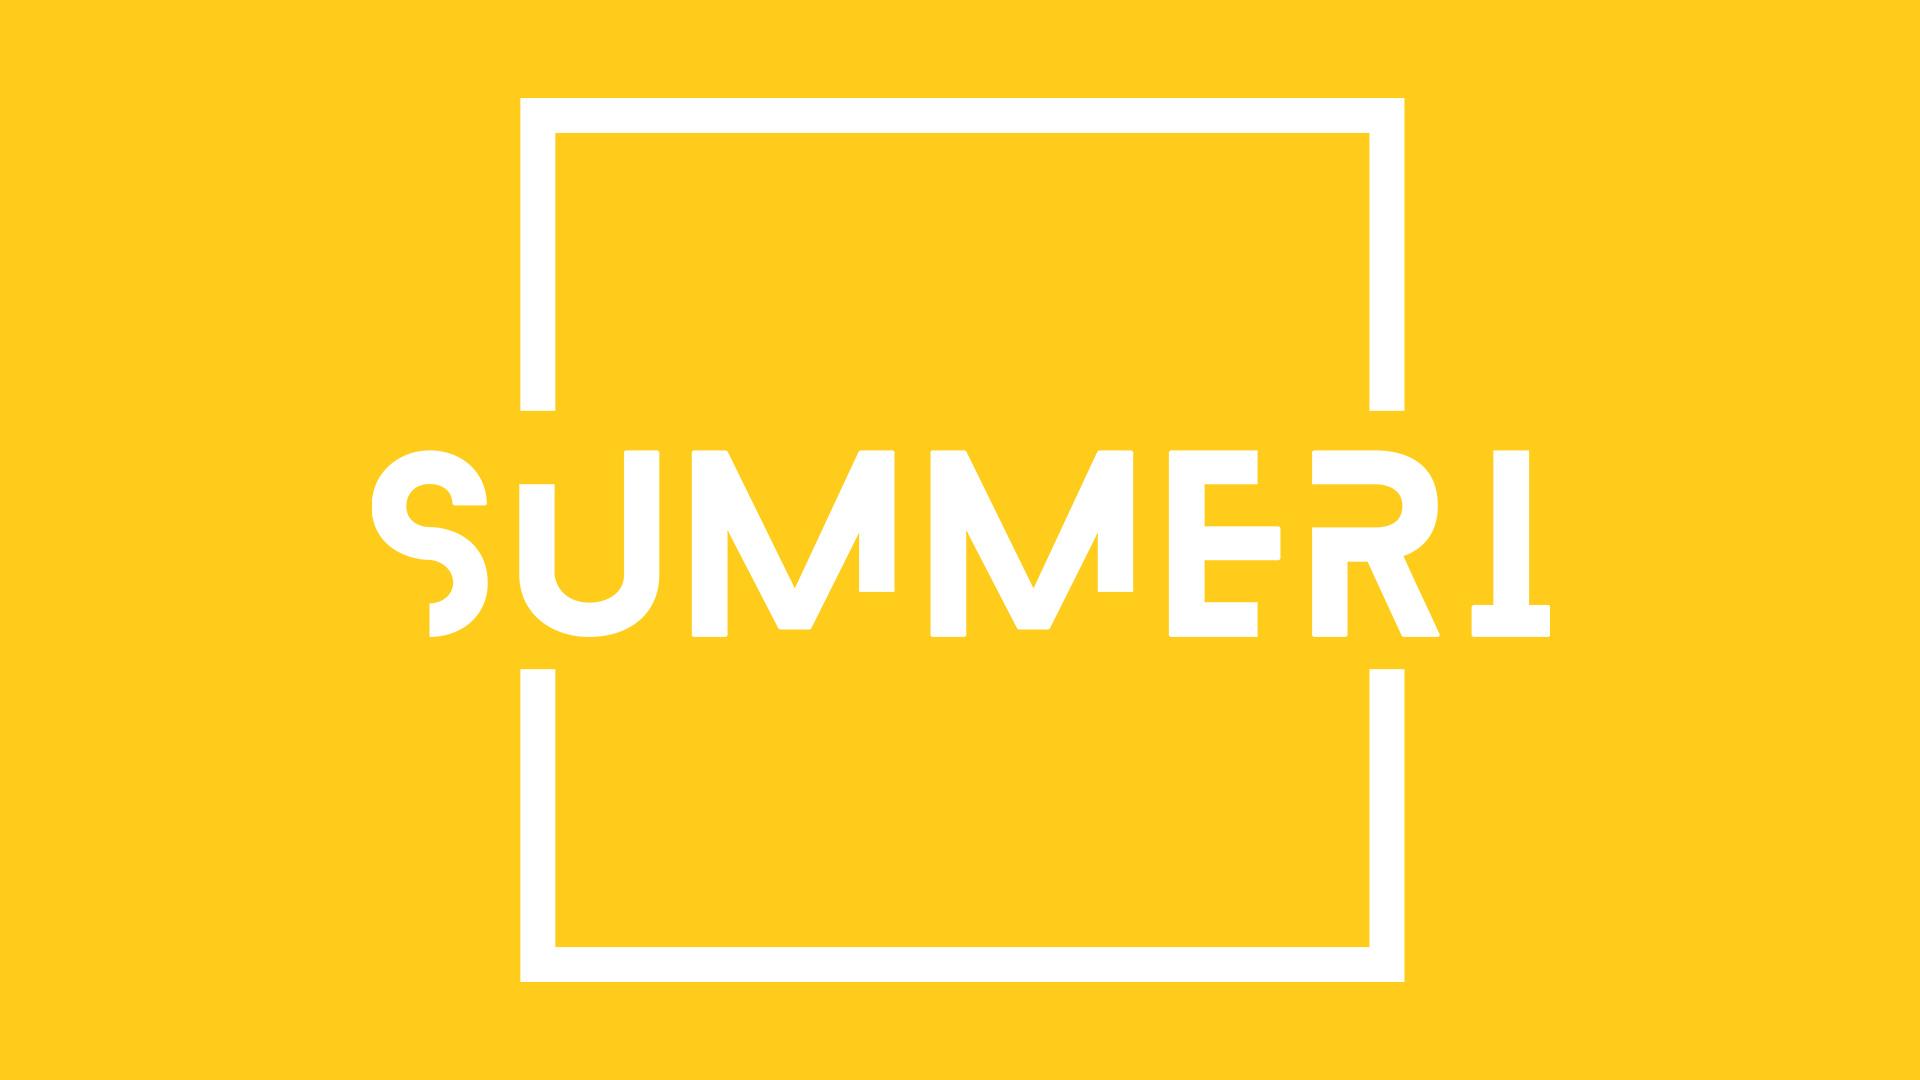 Aihesivun Summeri pääkuva